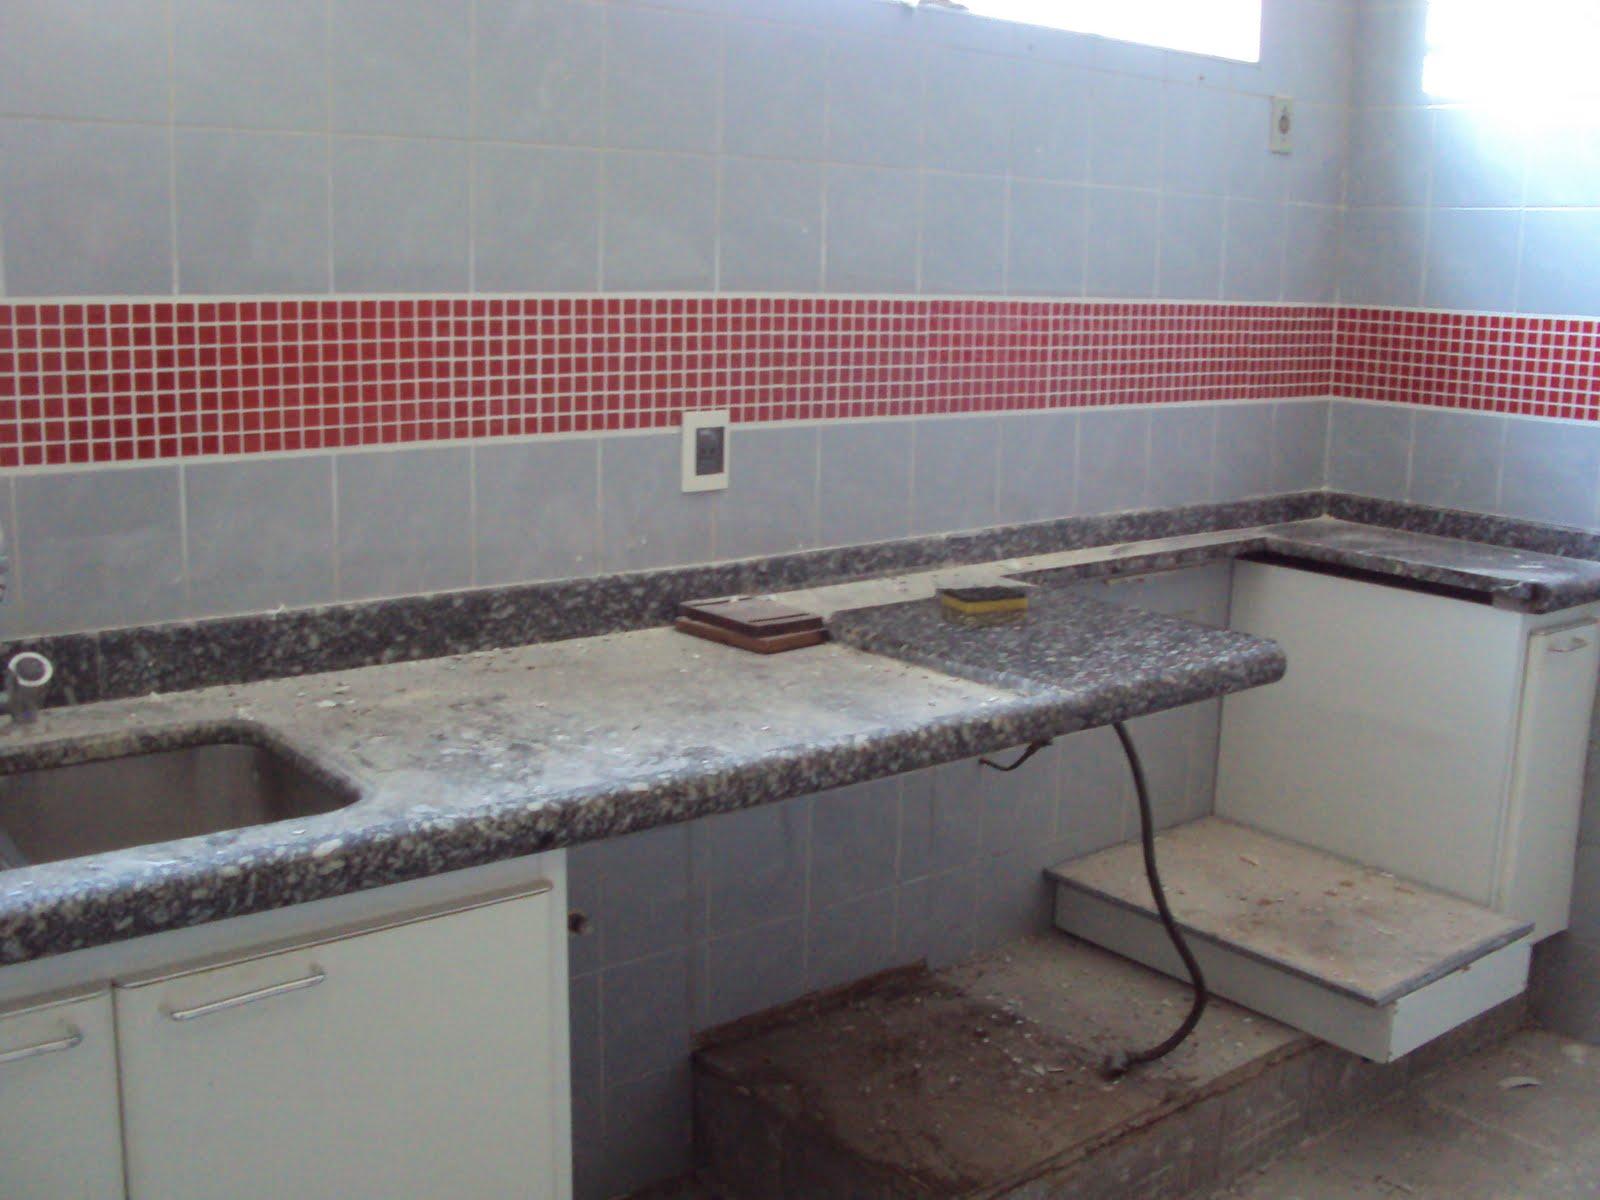 que algumas pastilhas vermelhas podem fazer por uma cozinha se  #714141 1600x1200 Banheiro Azulejo Até Metade